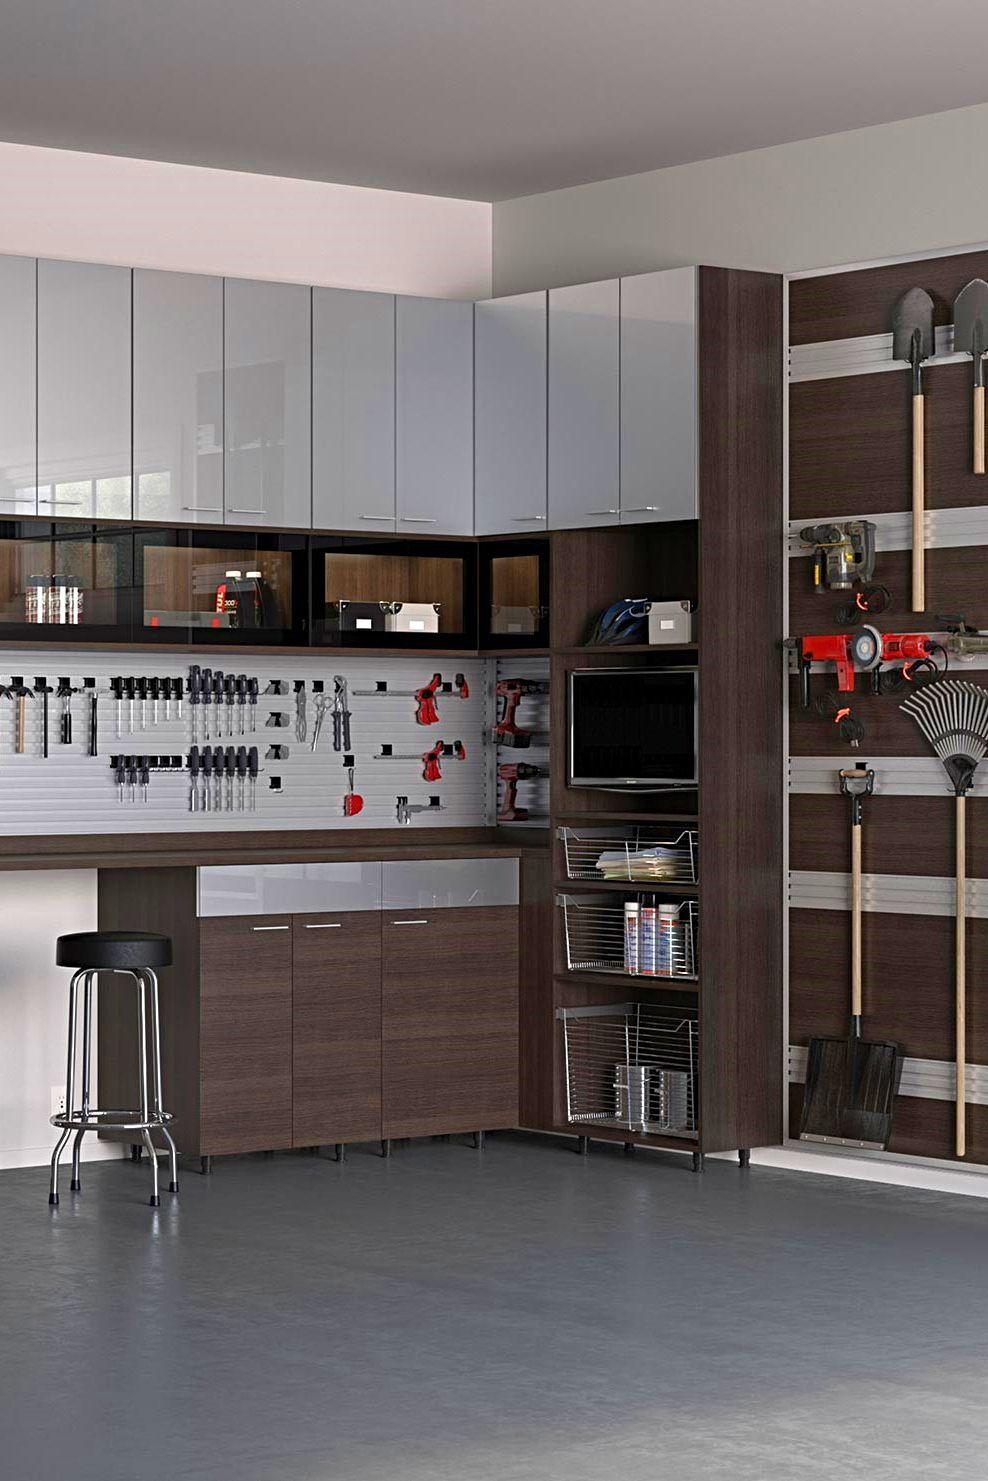 Diy Garage Storage On A Budget And Building Garage Shelves Reddit